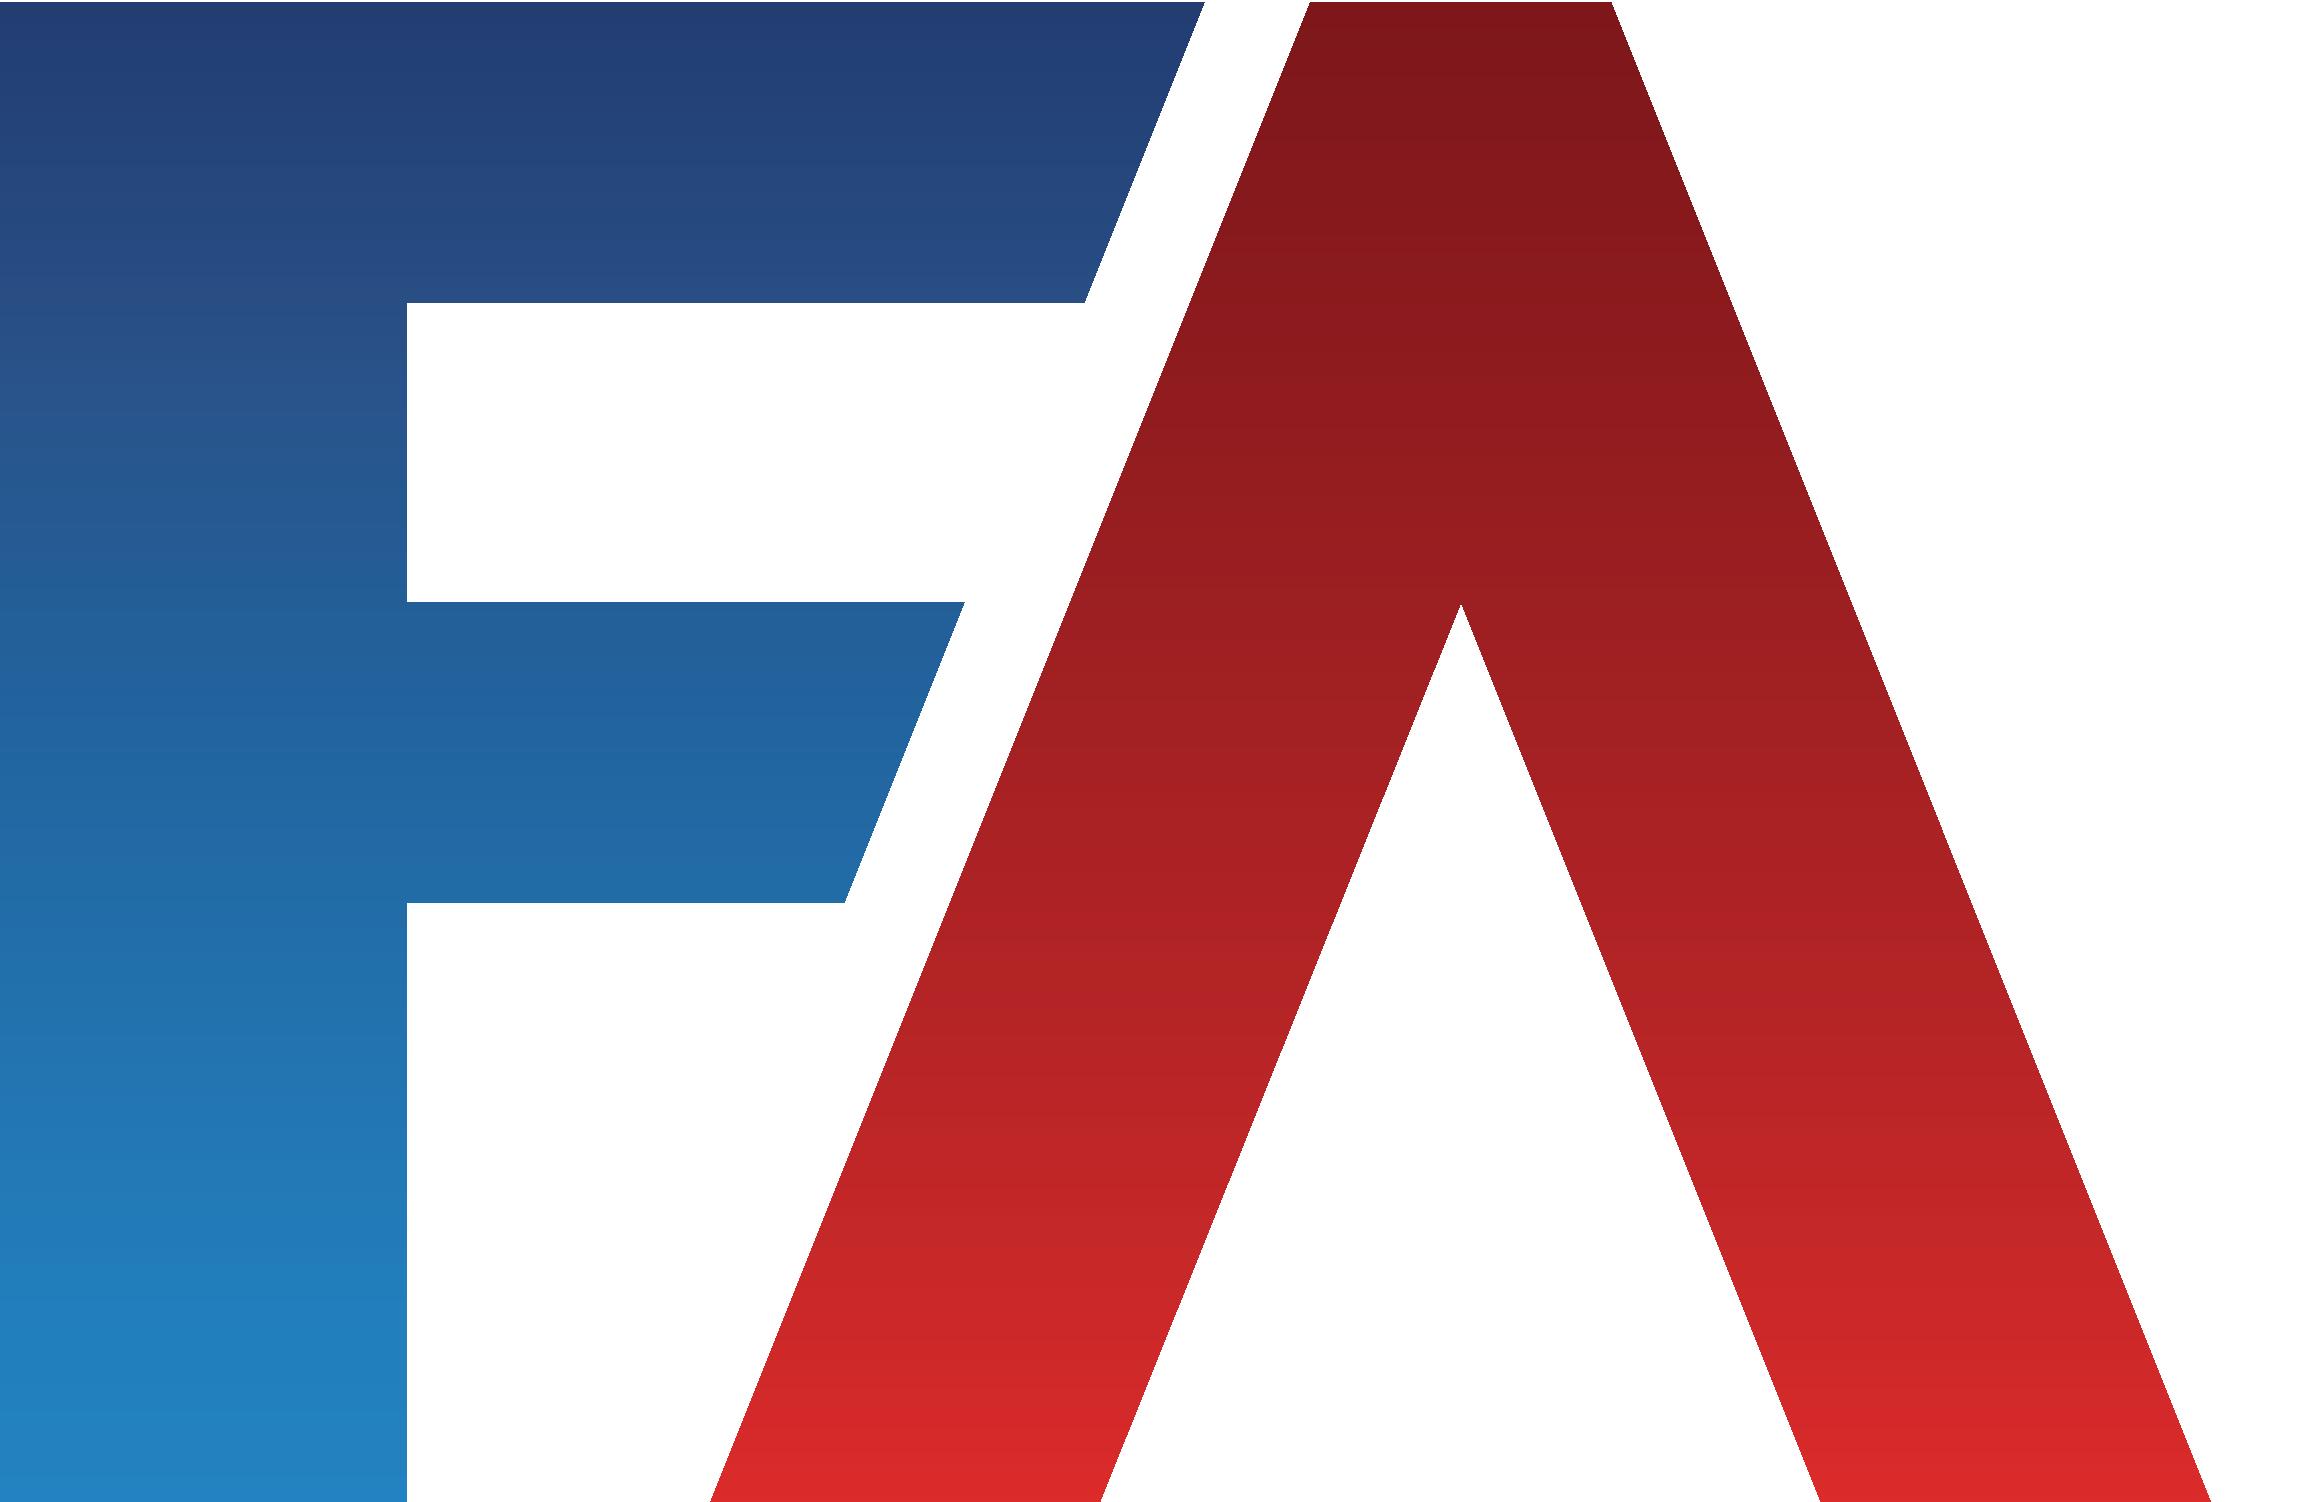 Eric Hosmer - 1B | FantasyAlarm.com